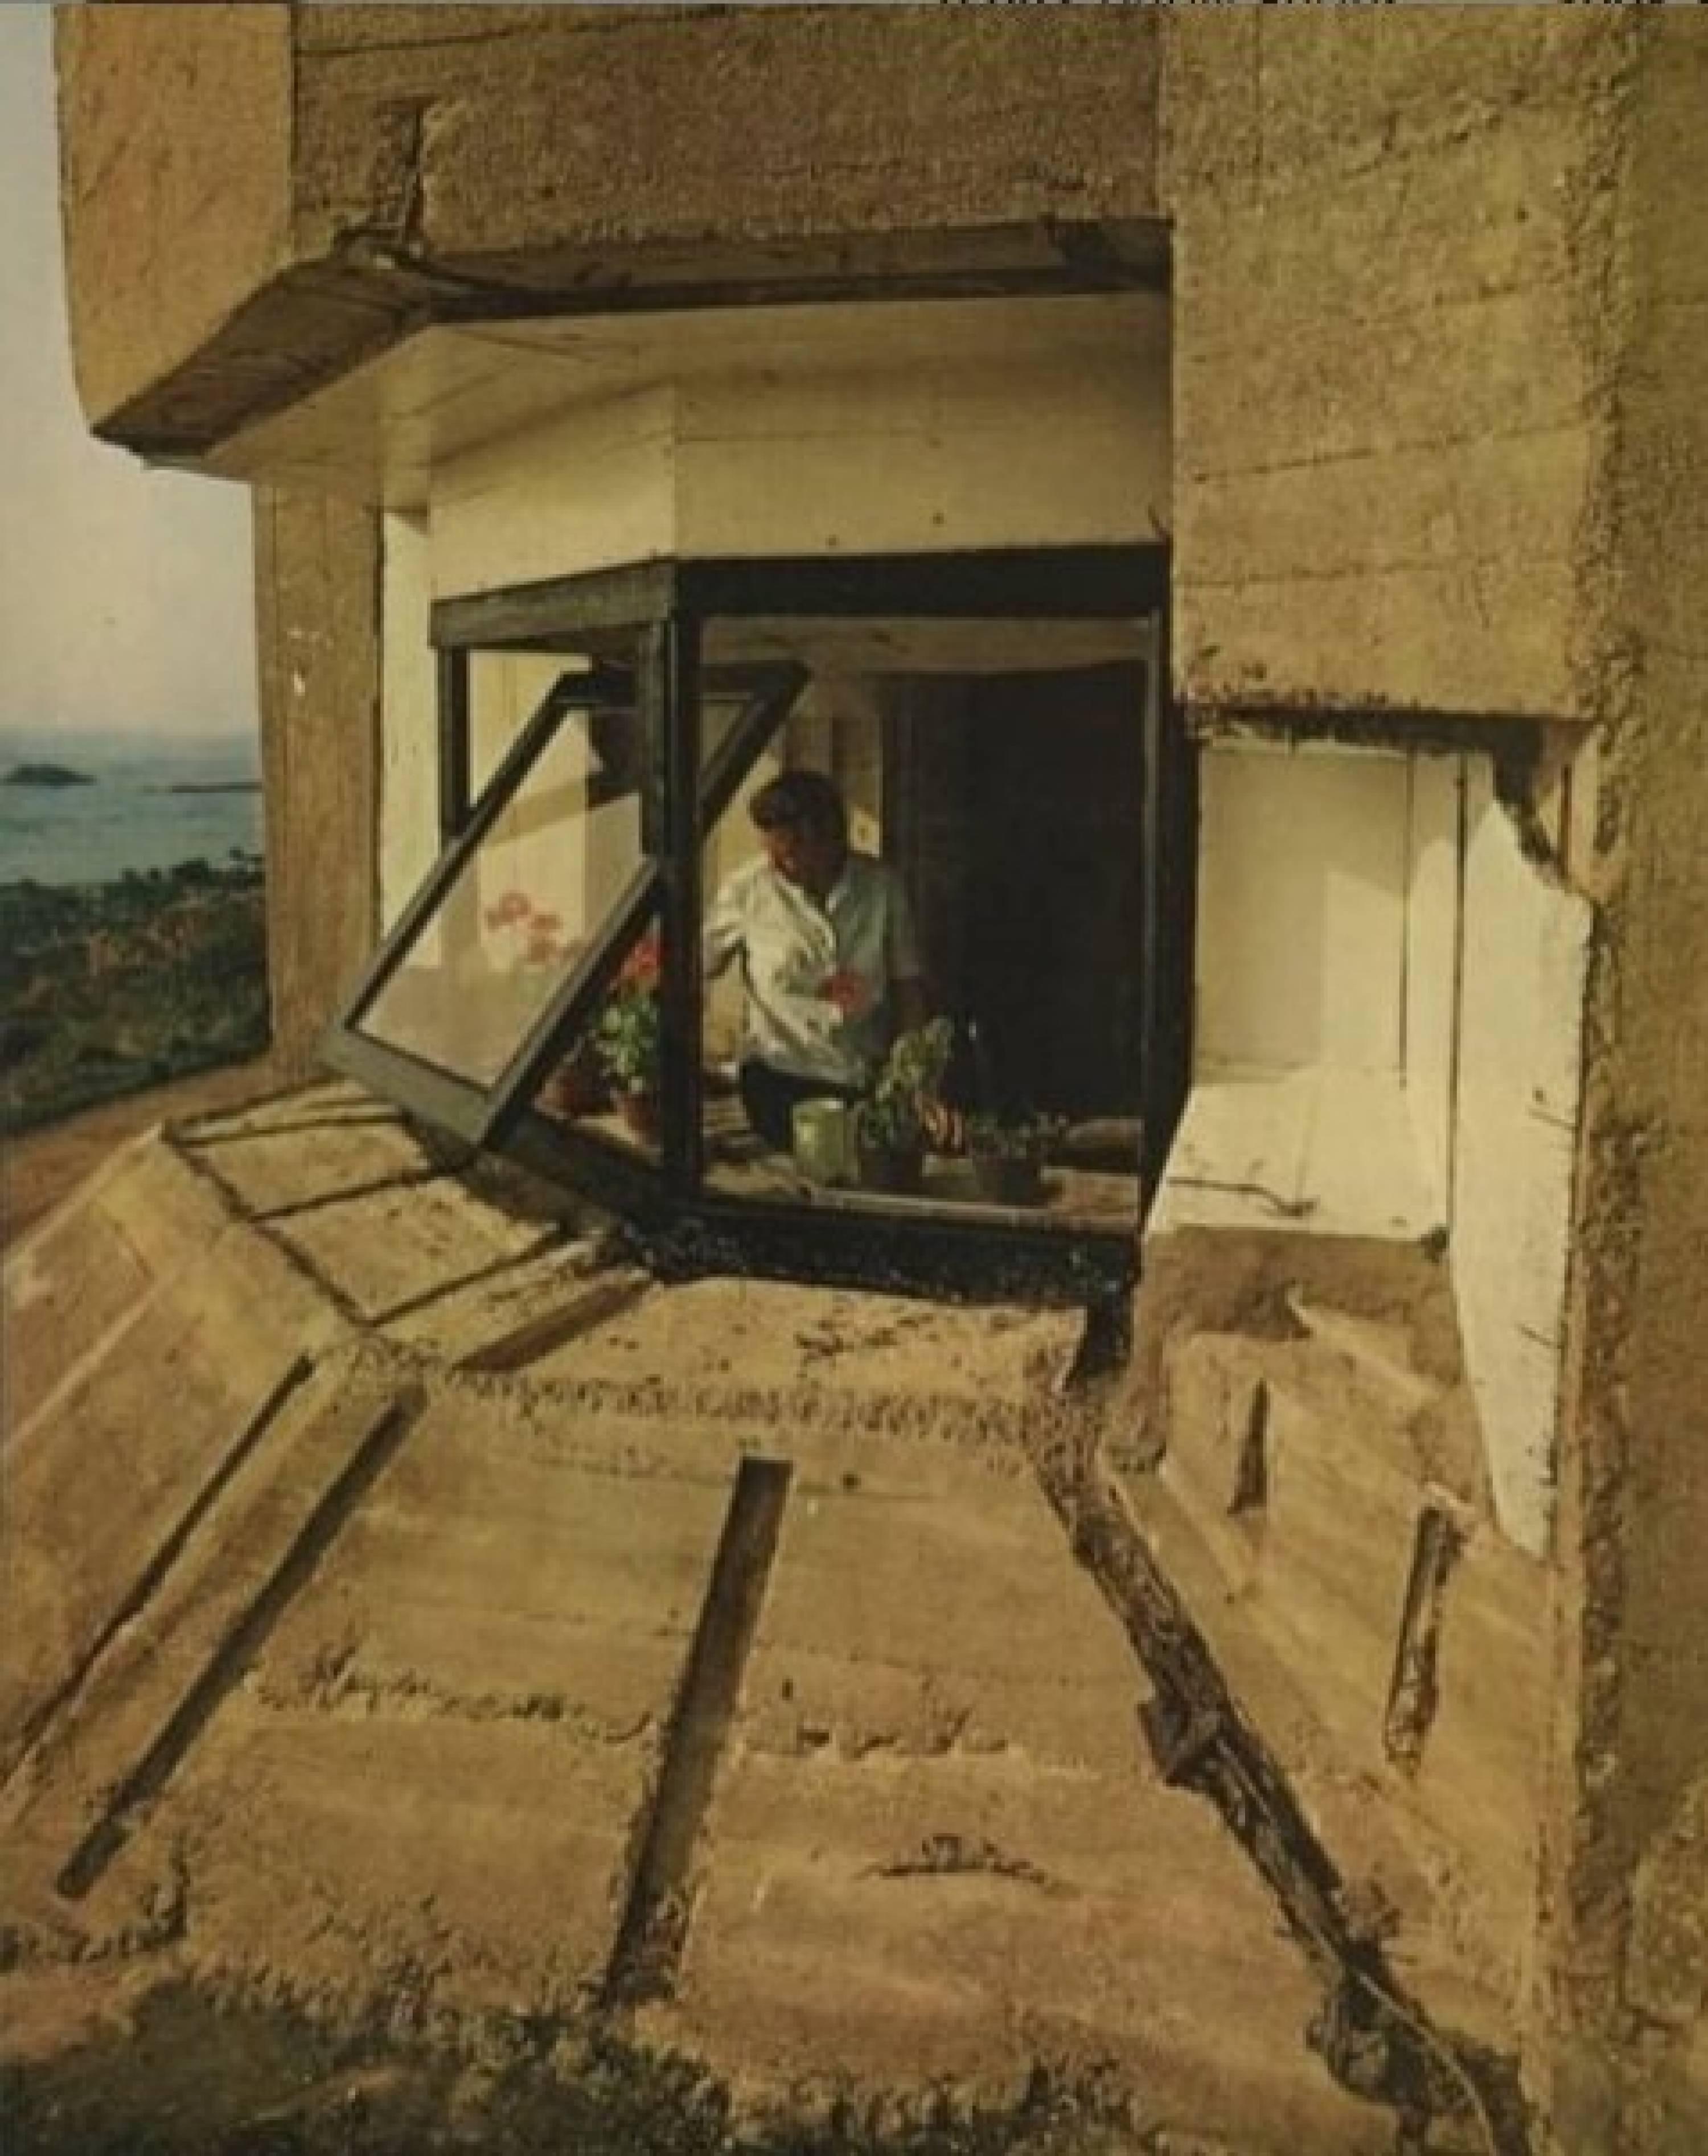 Bunker turned into habitation, Alderney, Channel Islands